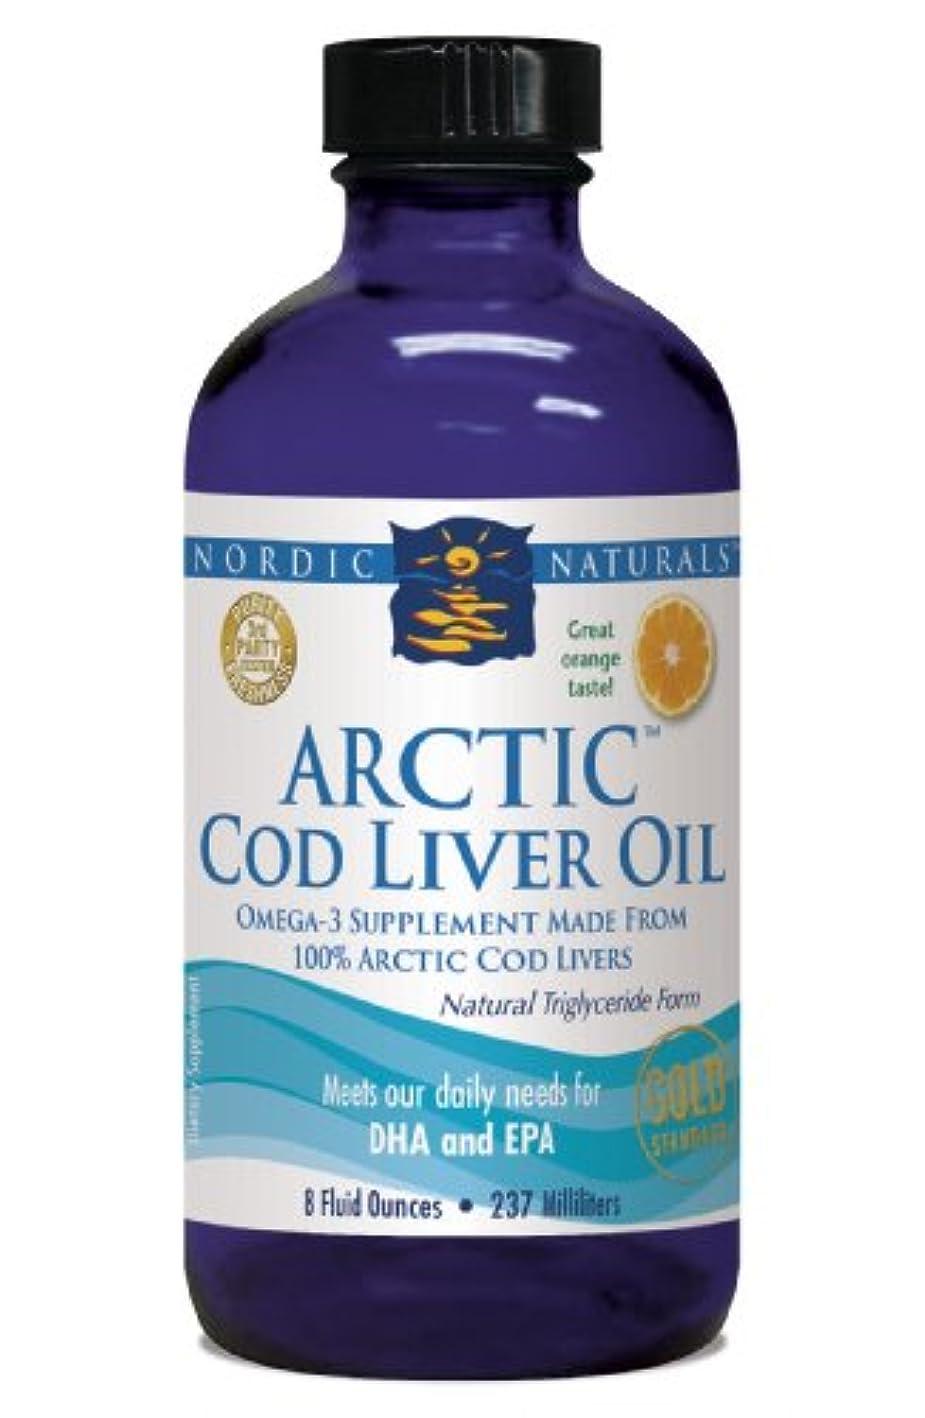 修士号戦略生活Nordic Naturals 北極圏 CLO - タラ 肝油 オレンジ フレーバー 8 オンス